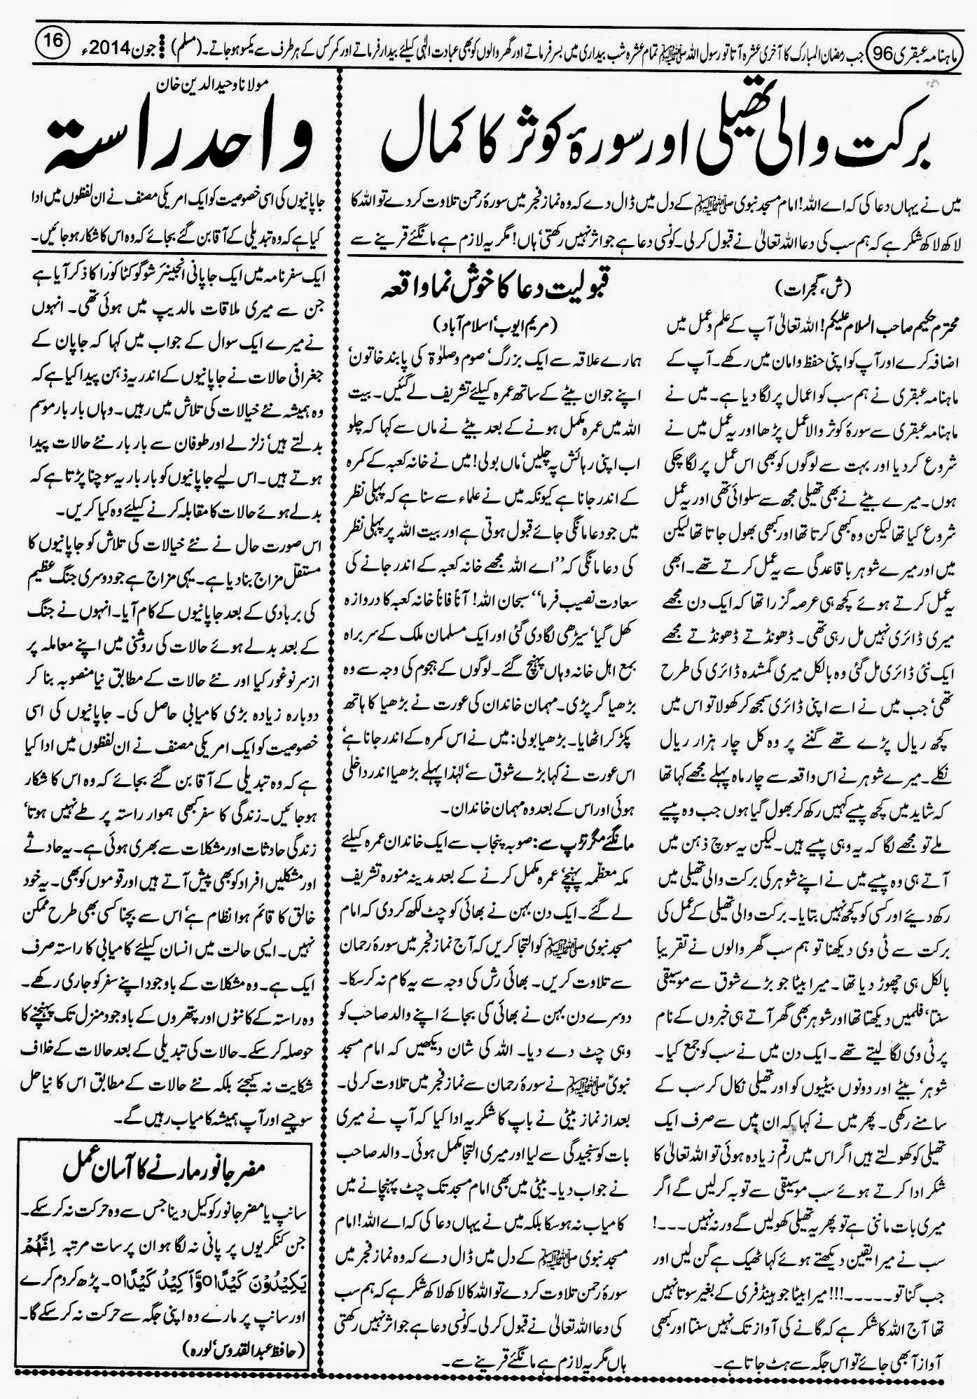 ubqari june 2014 page 16